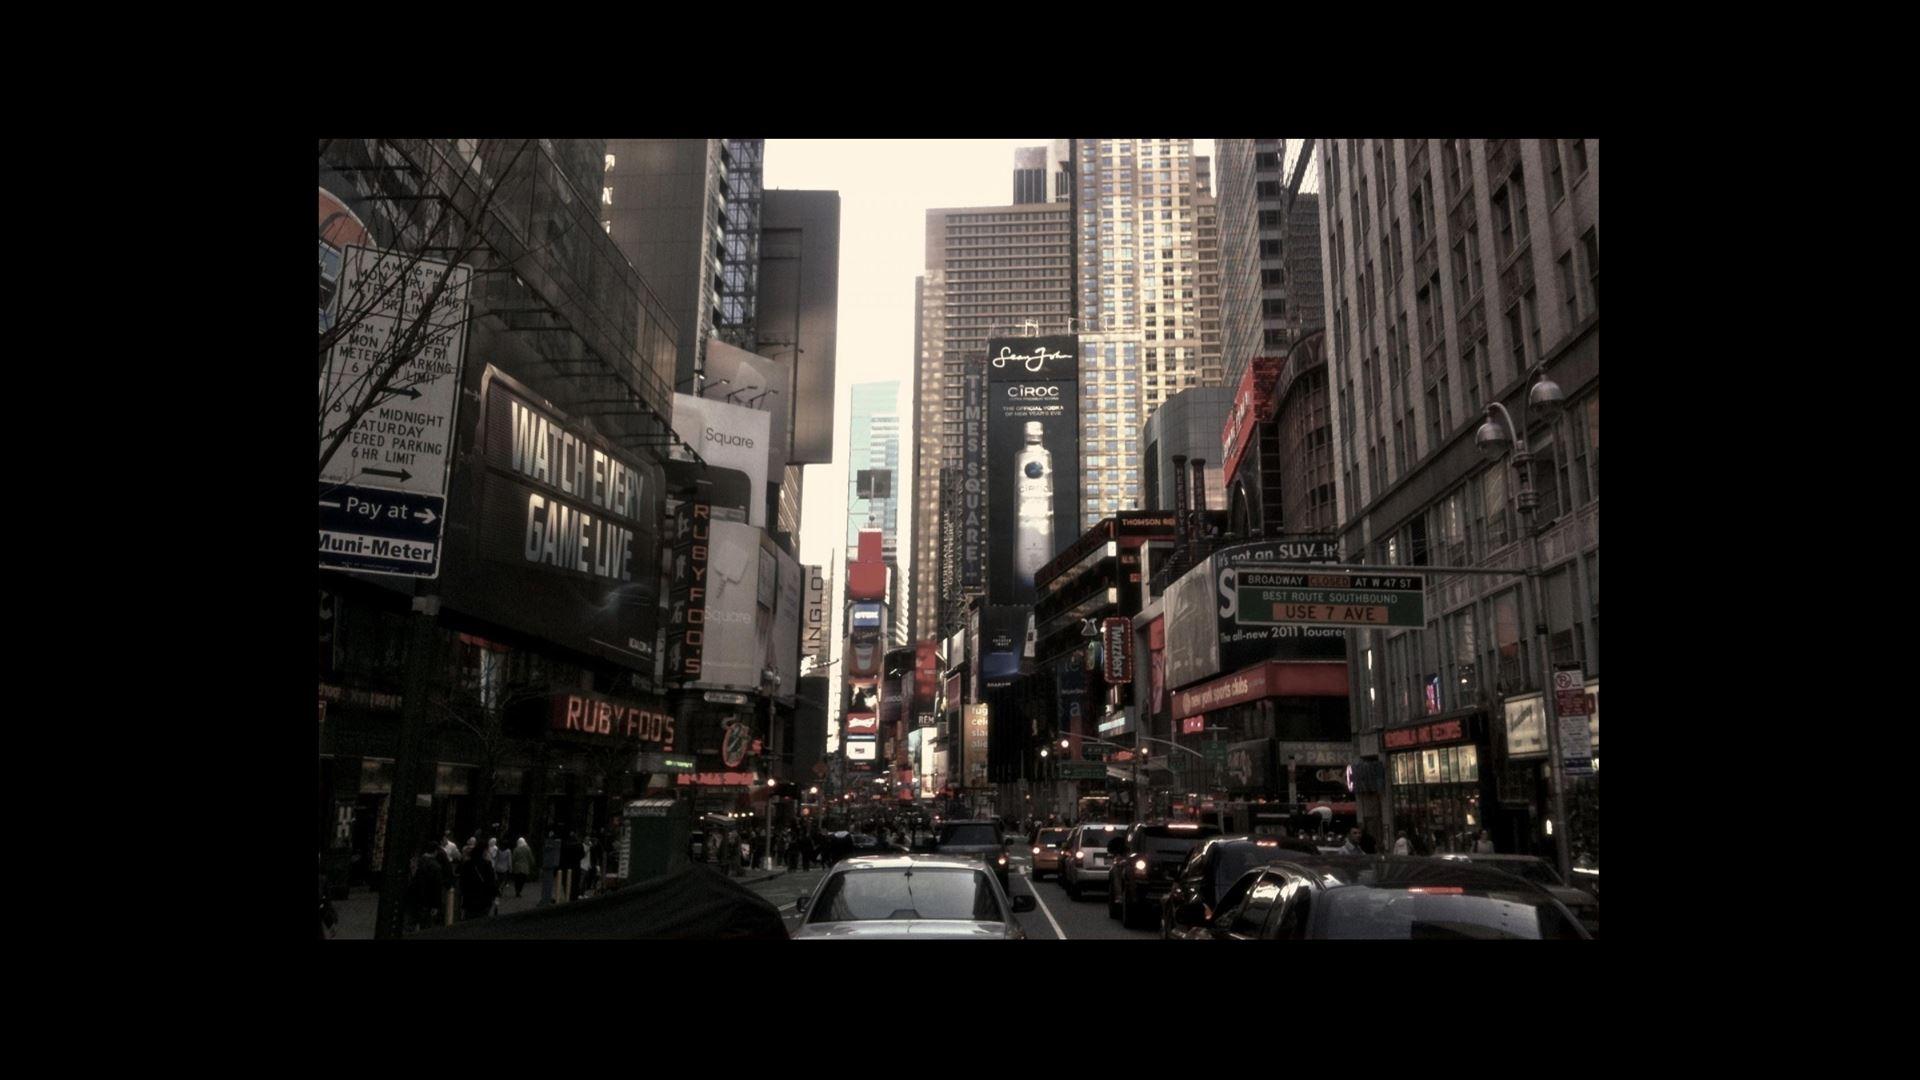 Lamborghini Cars Wallpapers 3d New York City Street Mac Wallpaper Download Free Mac